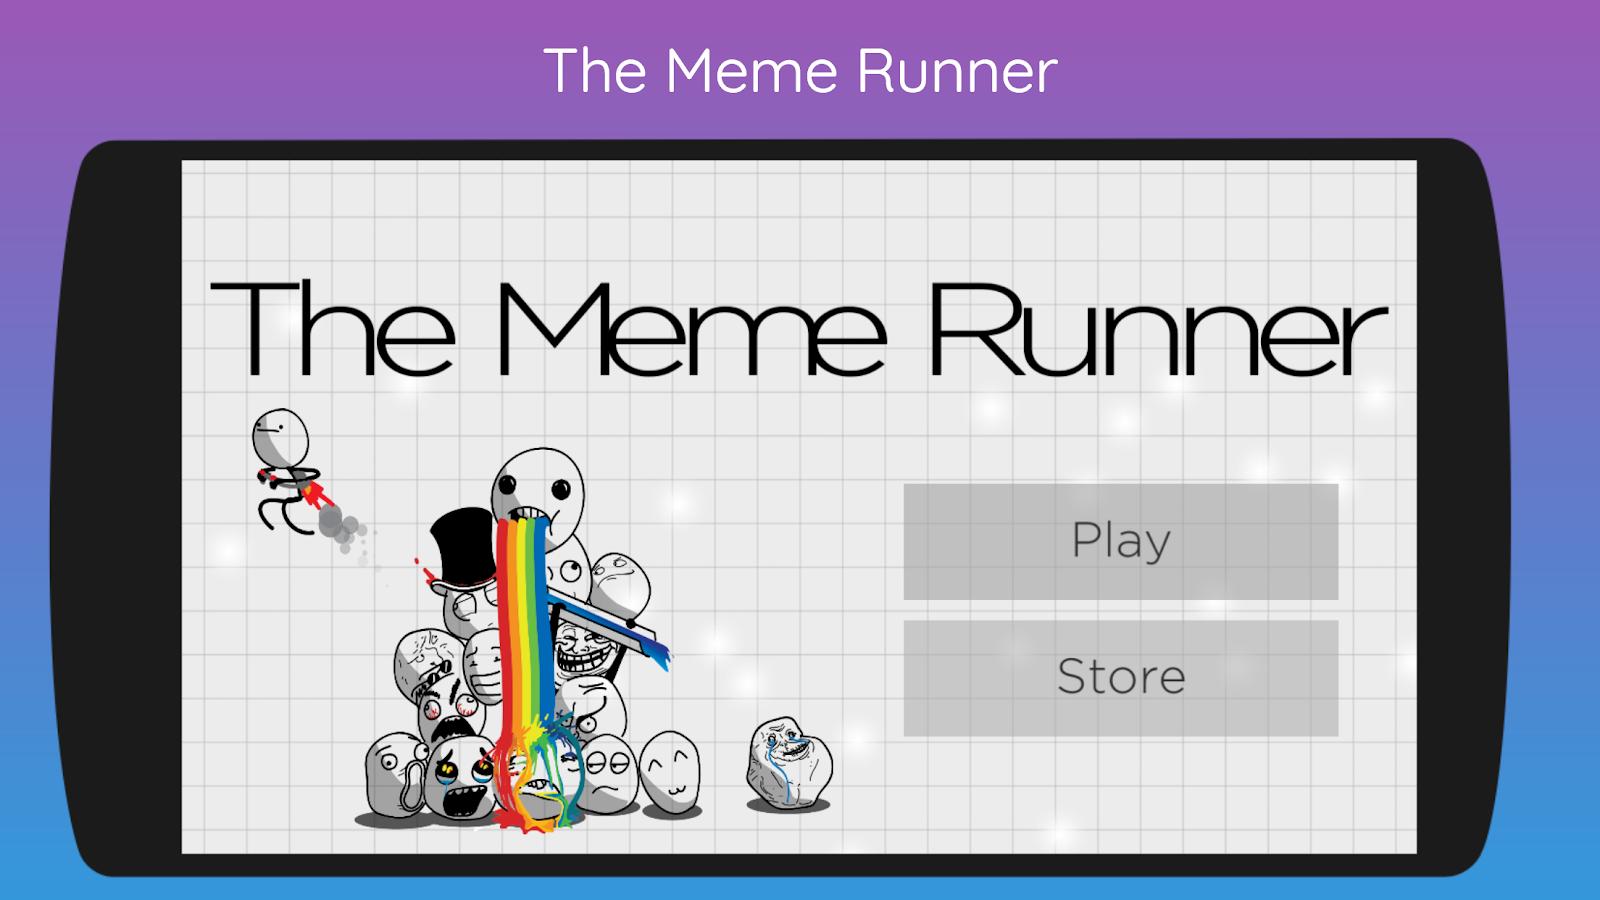 The Meme Runner